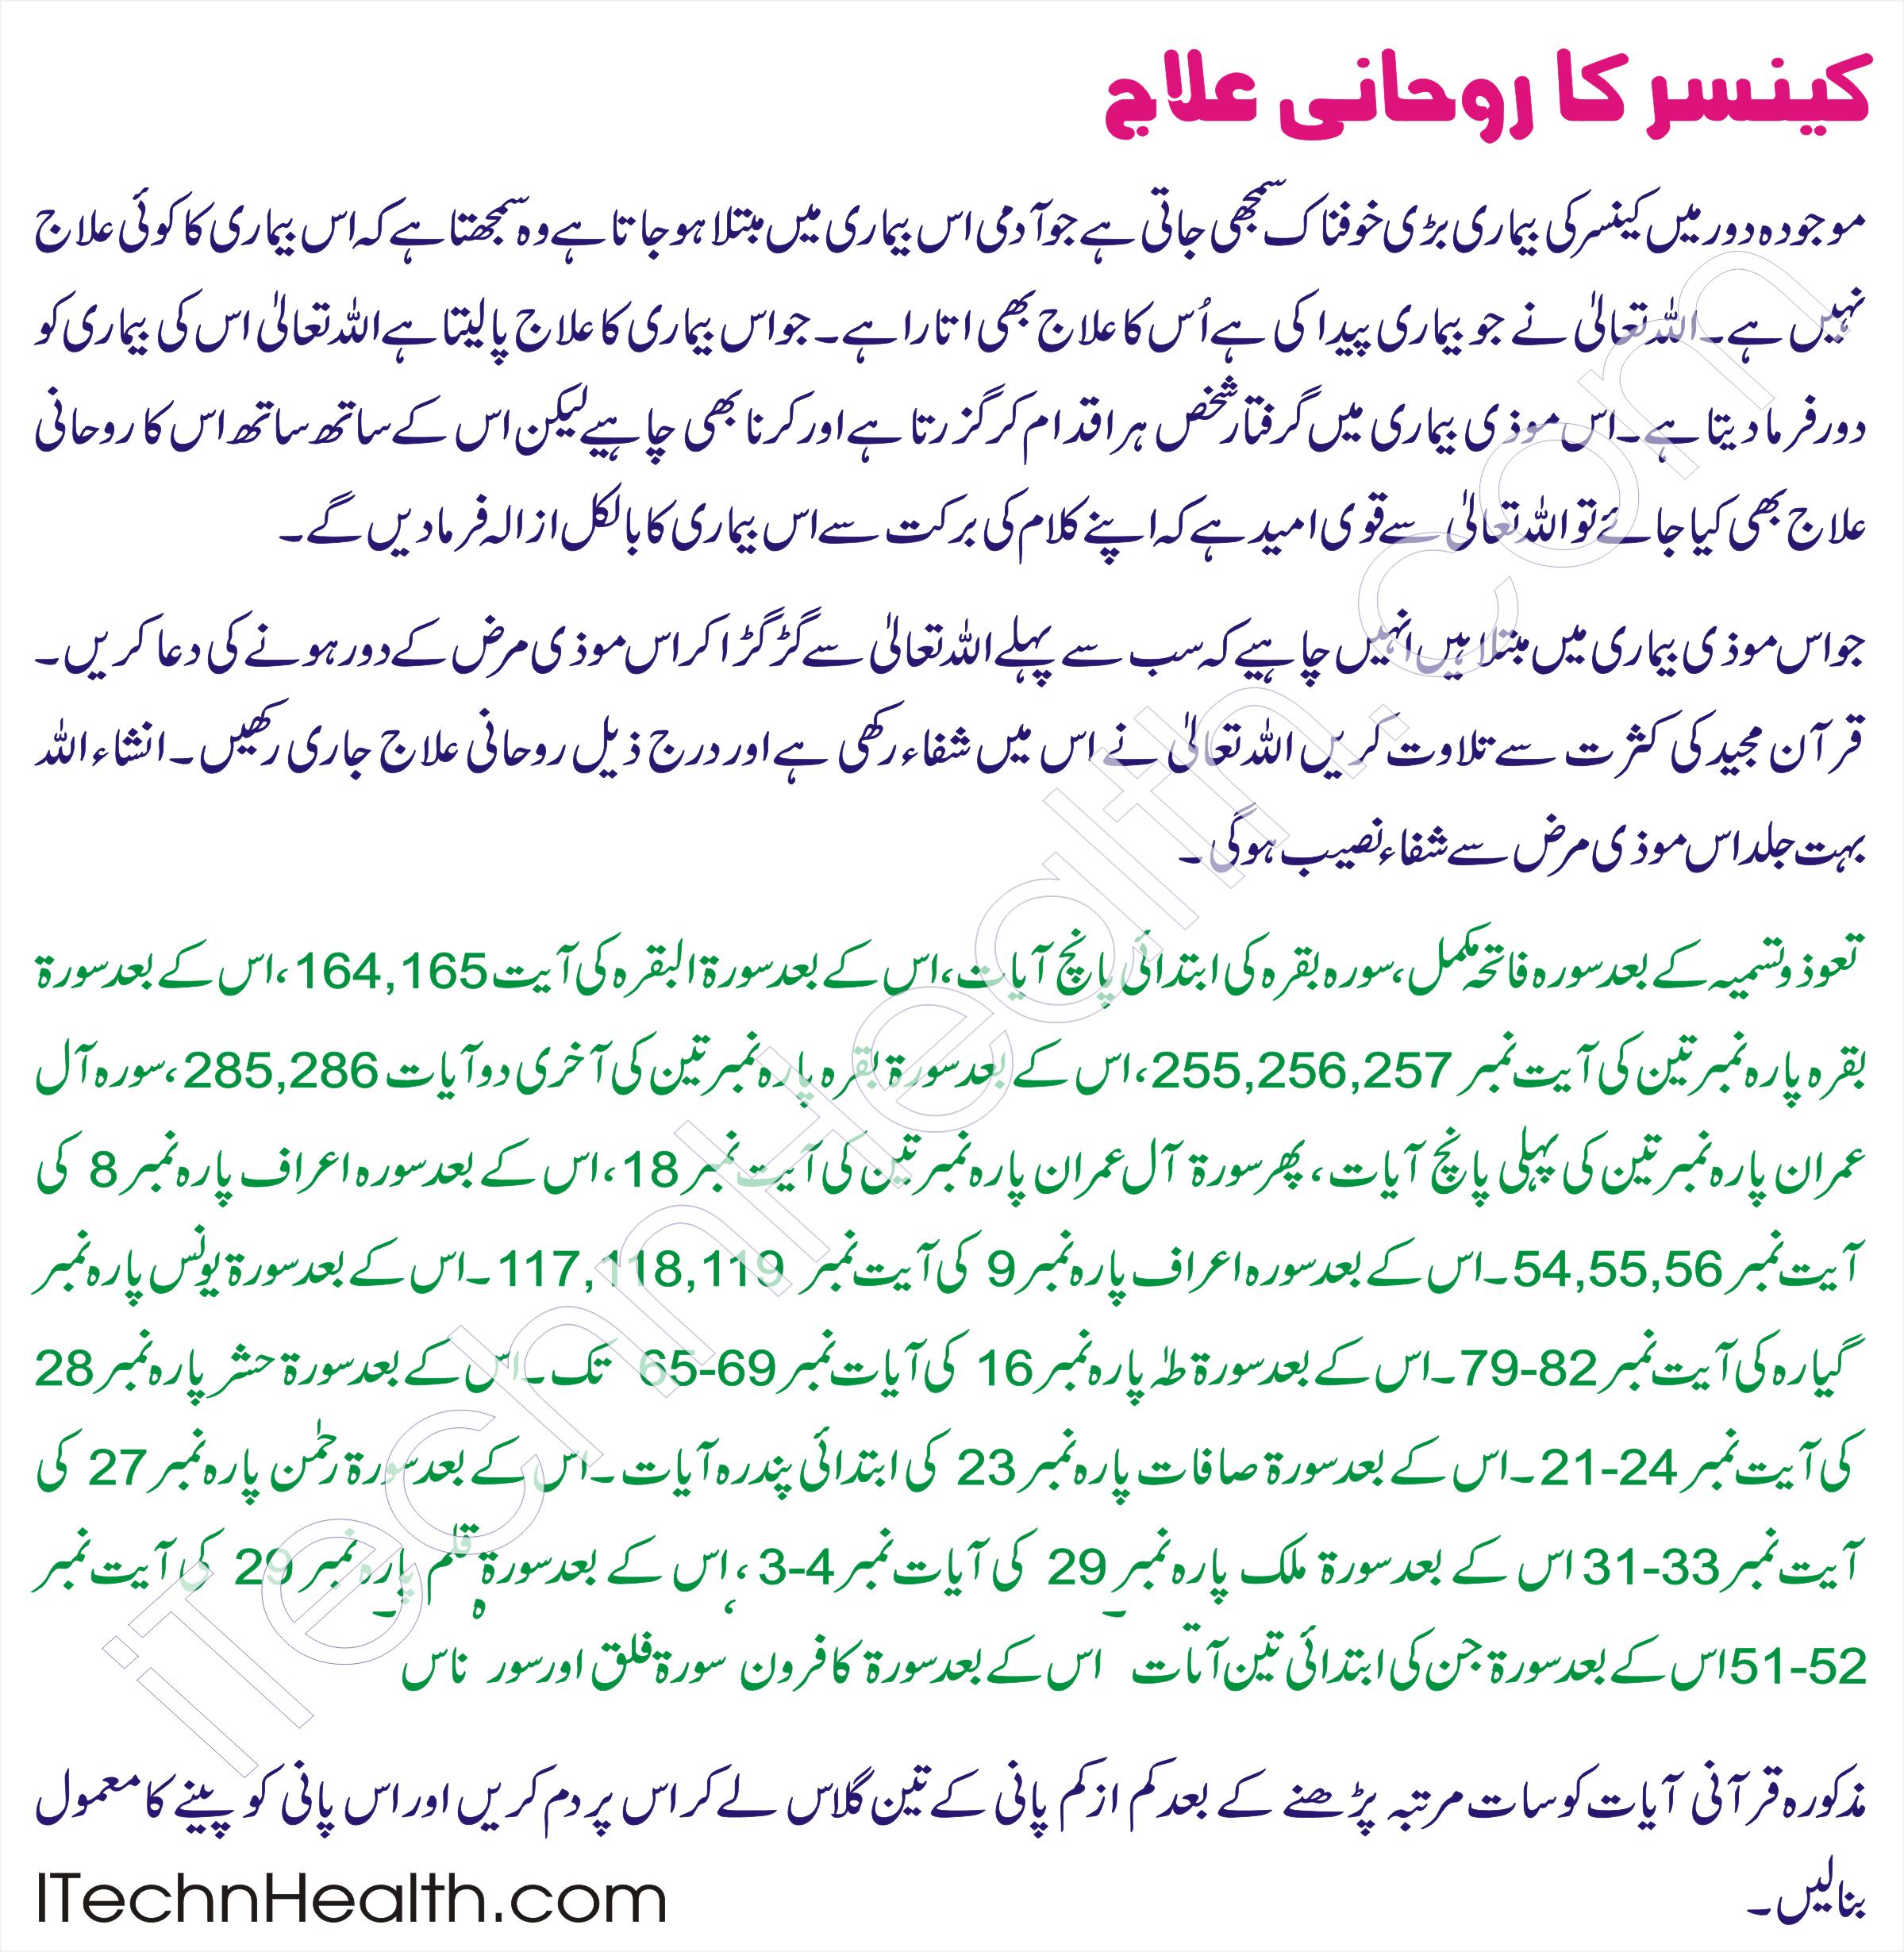 cancer__treatment_in_urdu